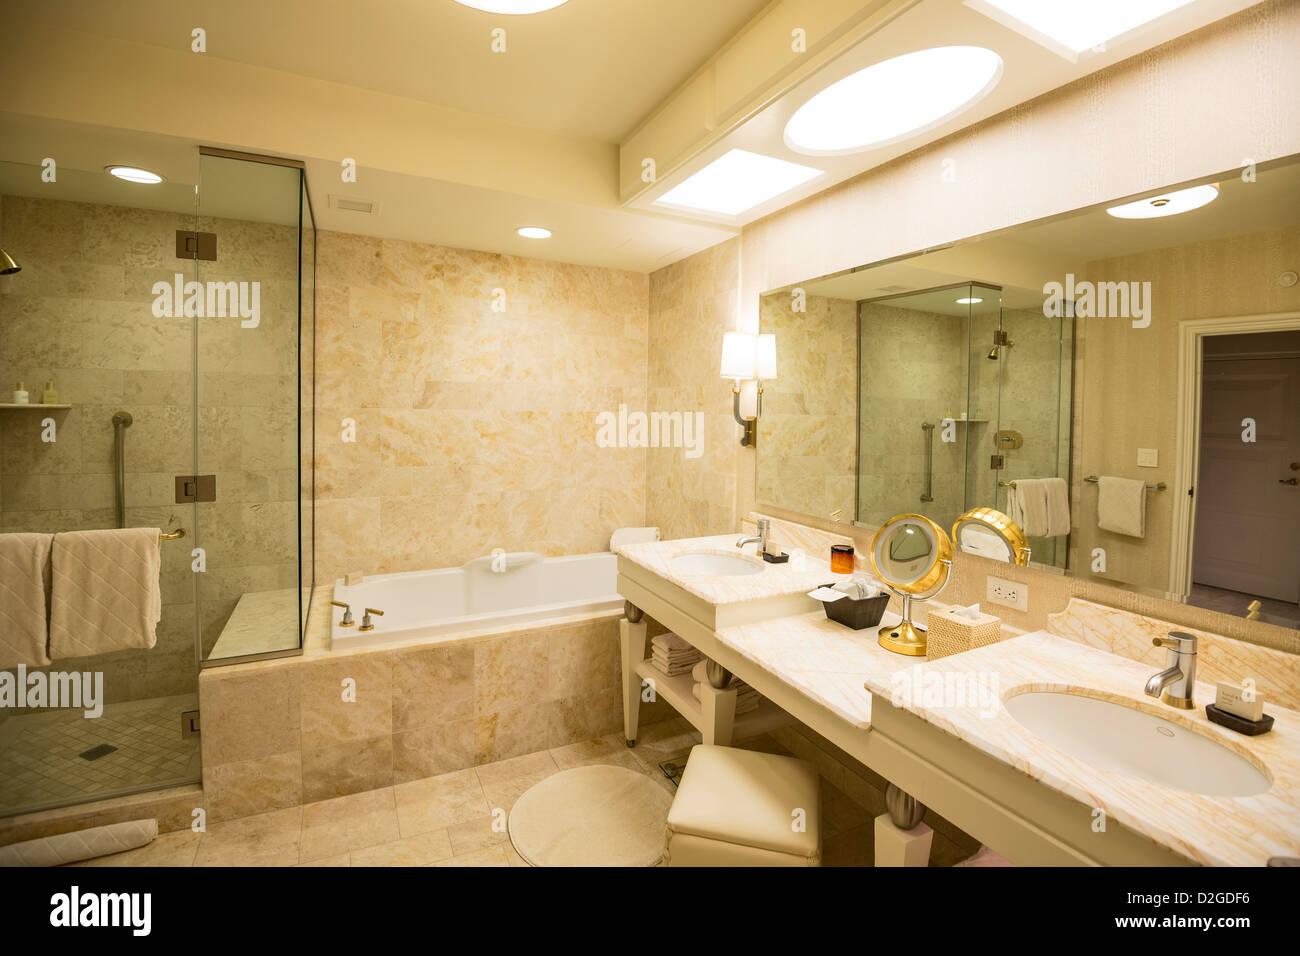 En Suite Bathrooms At The Cancun Resort In Las Vegas: Luxurious Bathroom In A Wynn Hotel Room In Las Vegas Stock